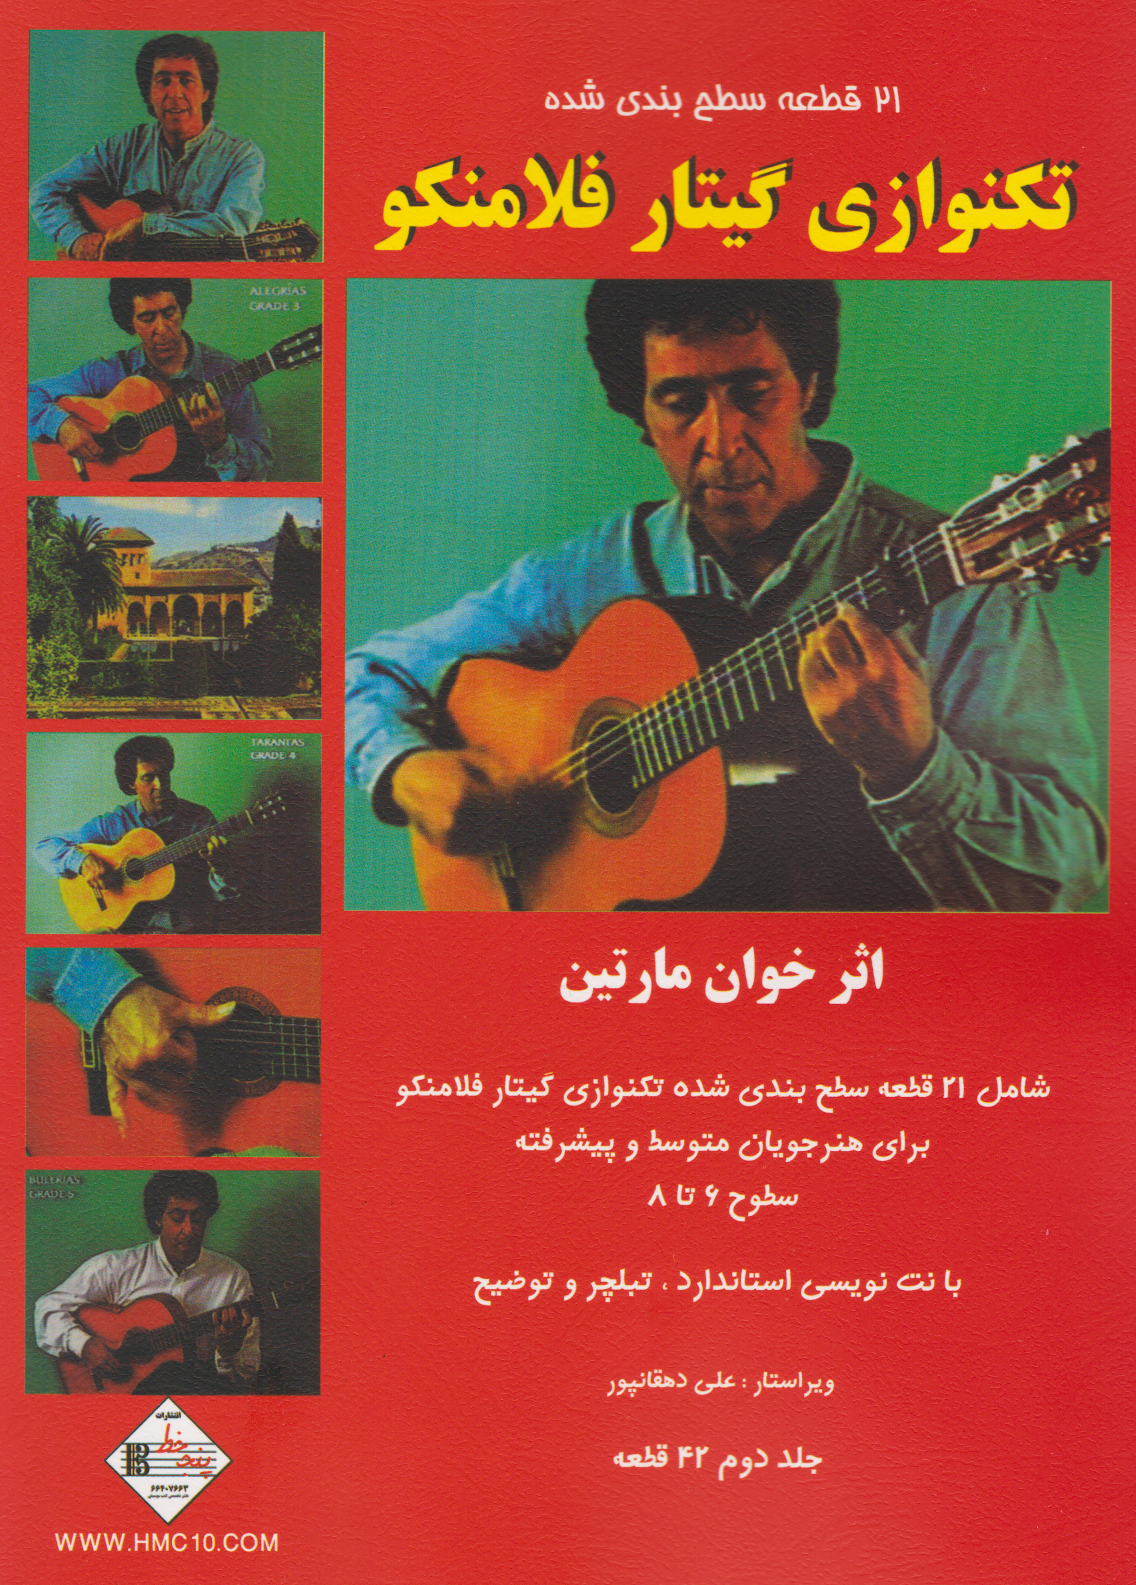 کتاب 21 قطعه تکنوازی گیتار فلامنکو خوان مارتین انتشارات پنجخط